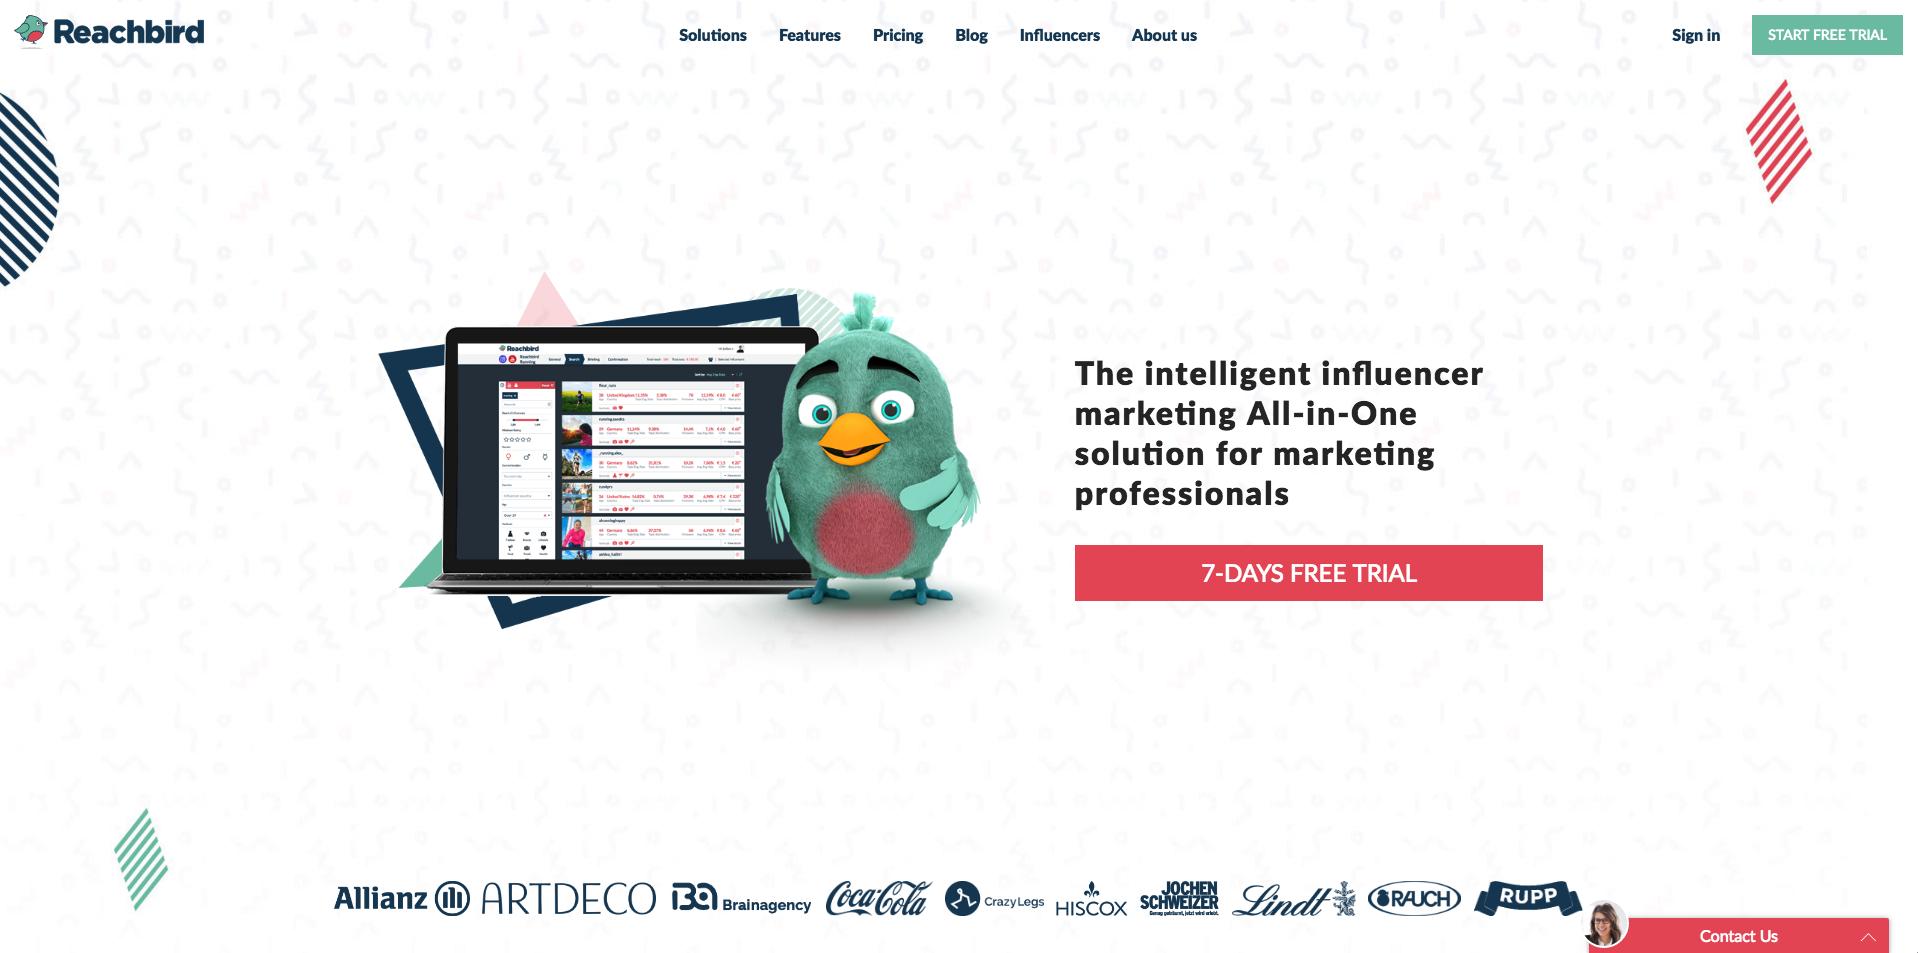 Reachbird Demo - Reachbird Website